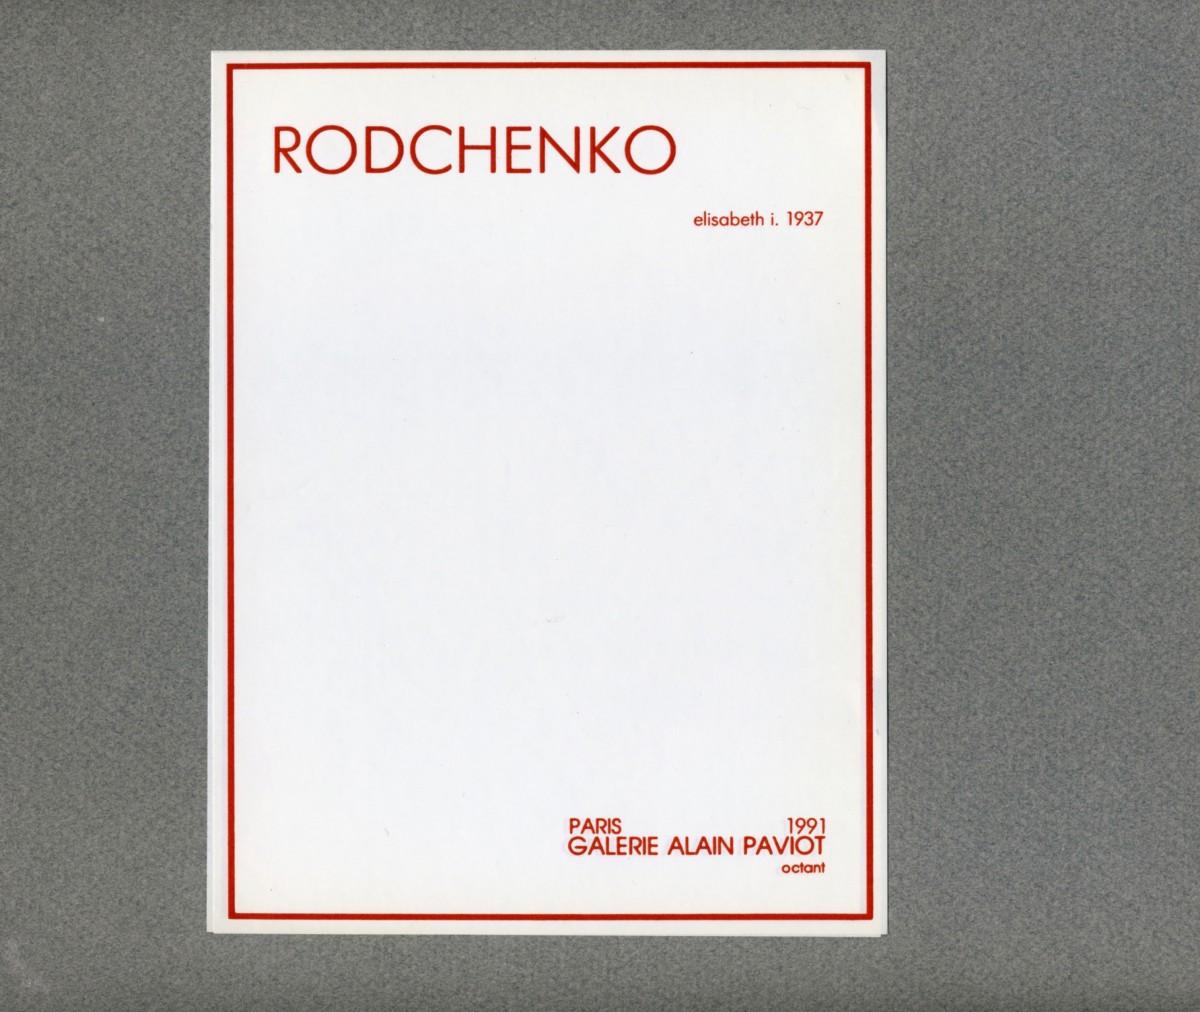 rodchenko_françoise-paviot